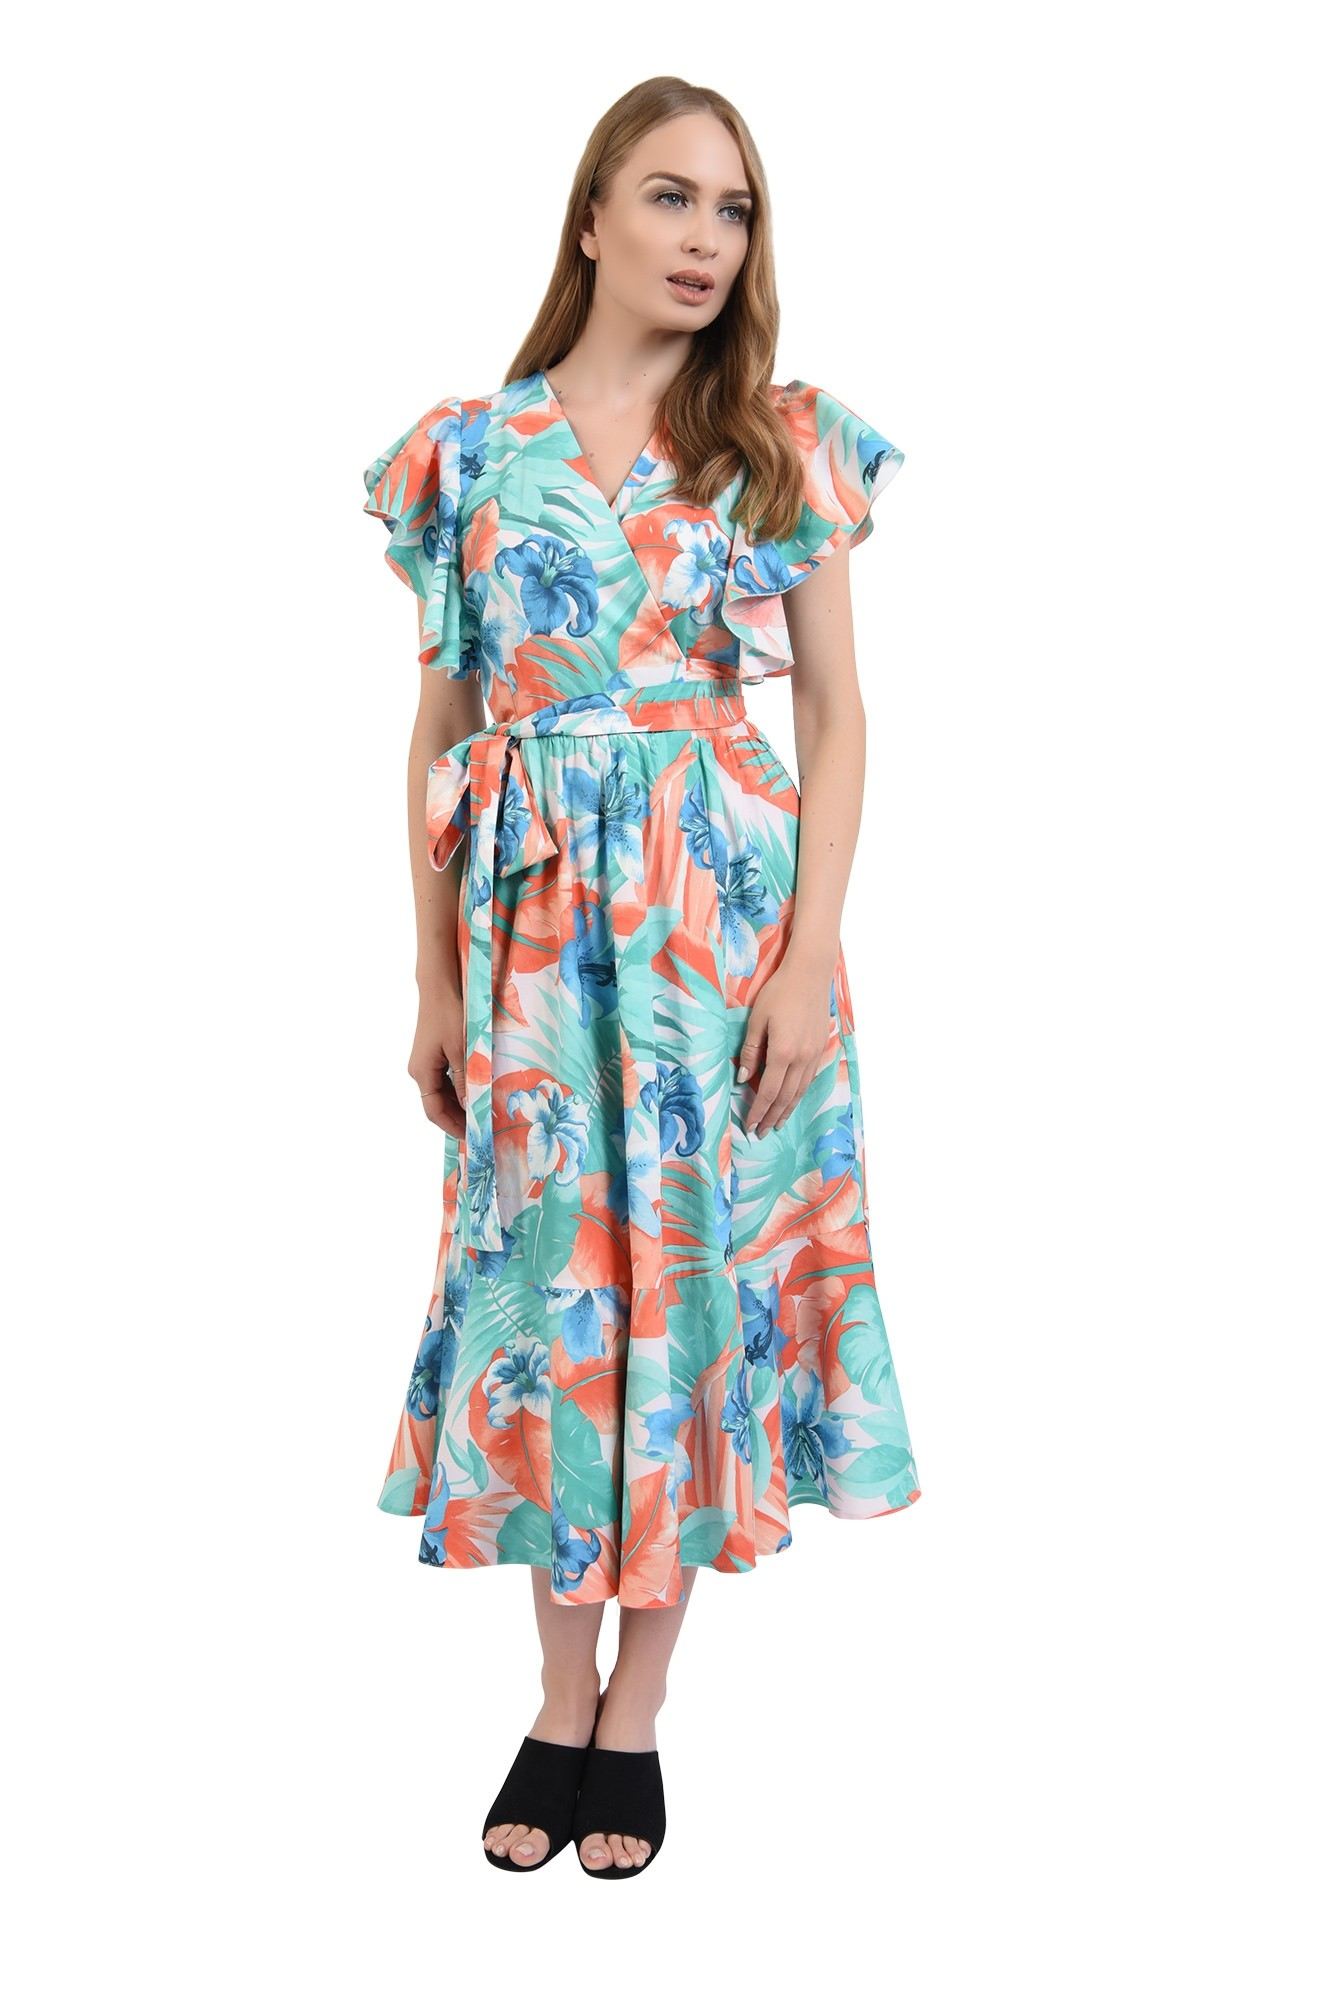 360 - rochie midi, petrecuta, cu imprimeu floral, Poema